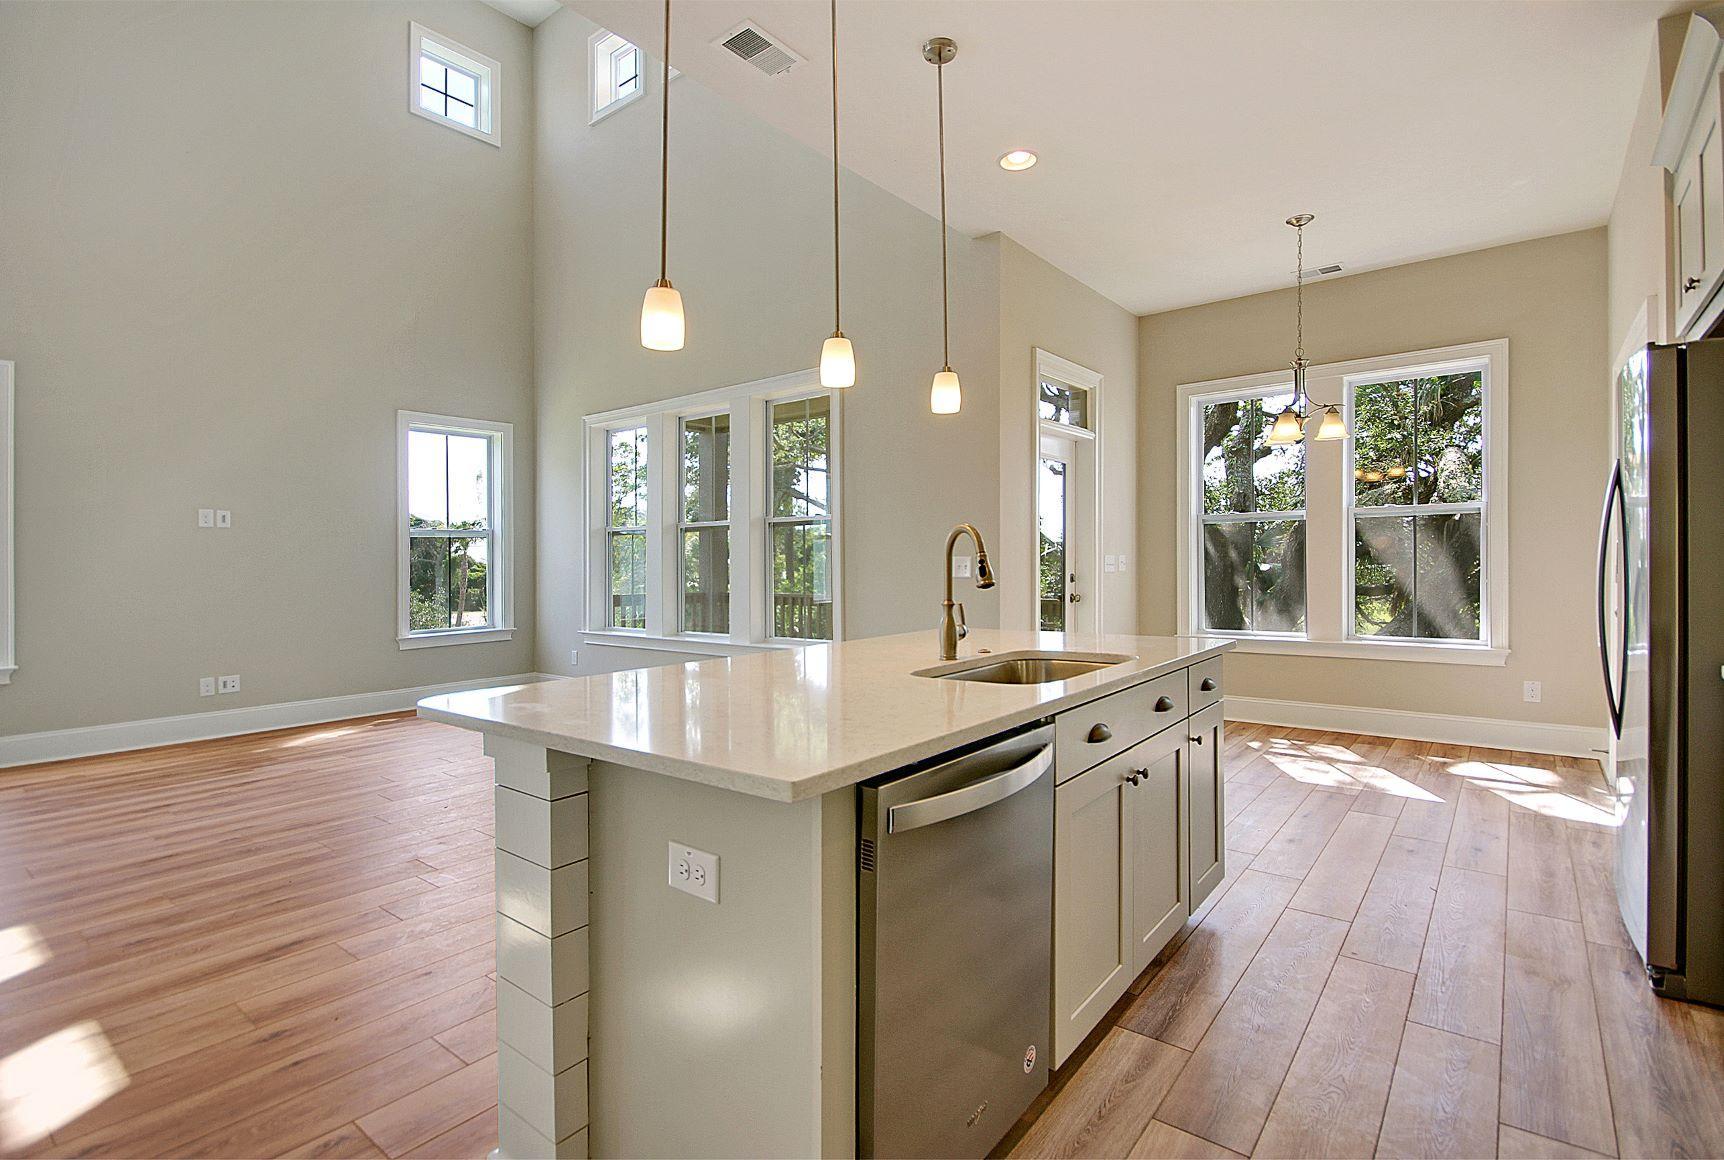 Kings Flats Homes For Sale - 121 Alder, Charleston, SC - 1